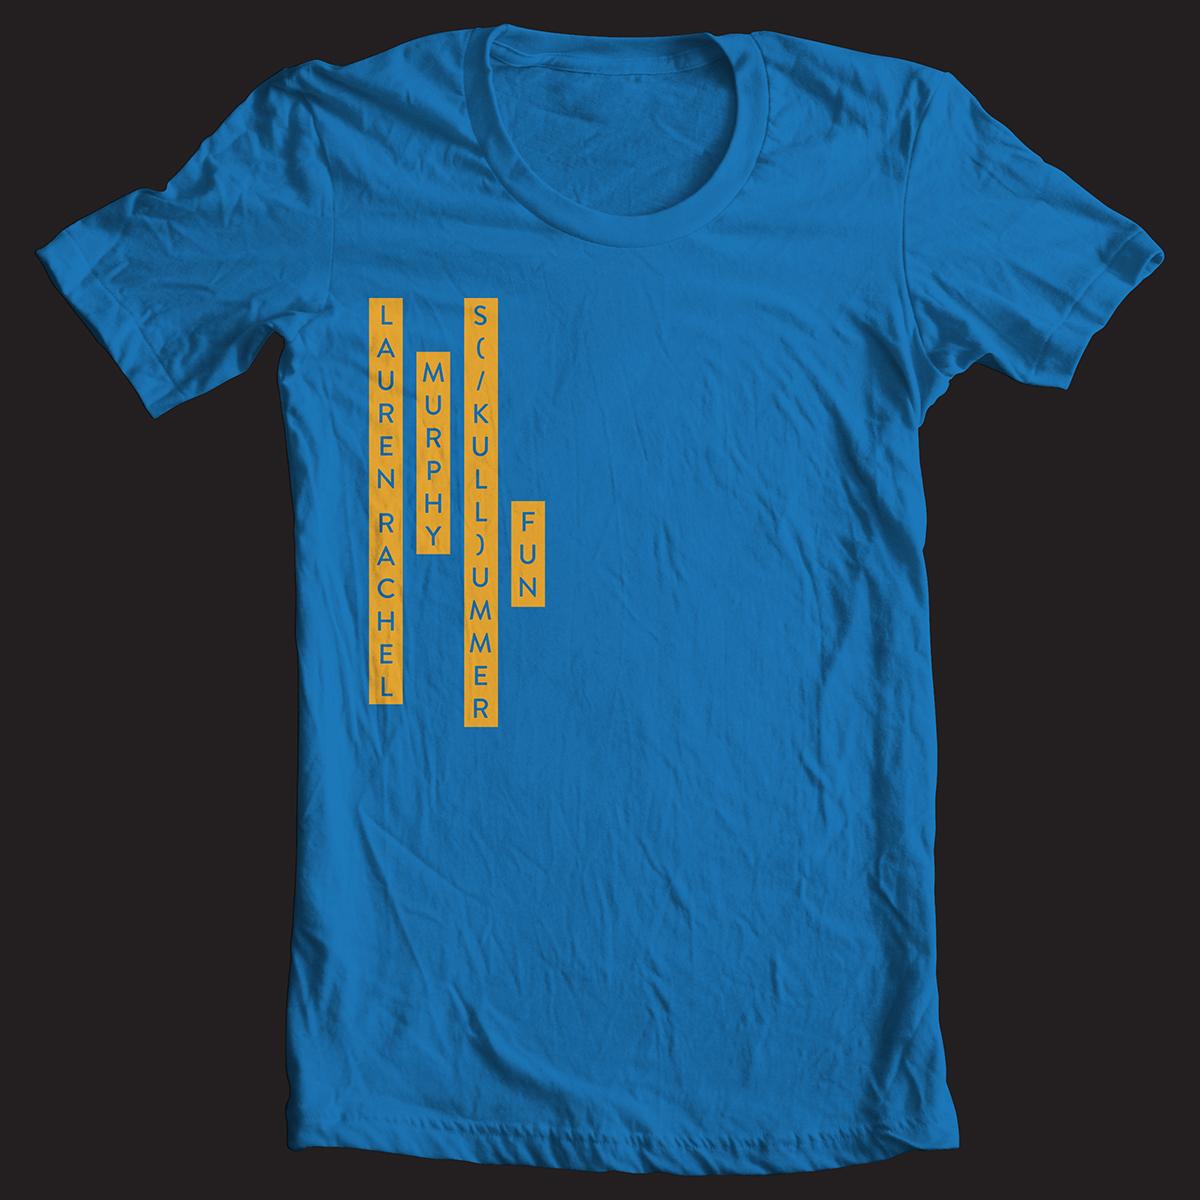 shirt_LRM_1.jpg